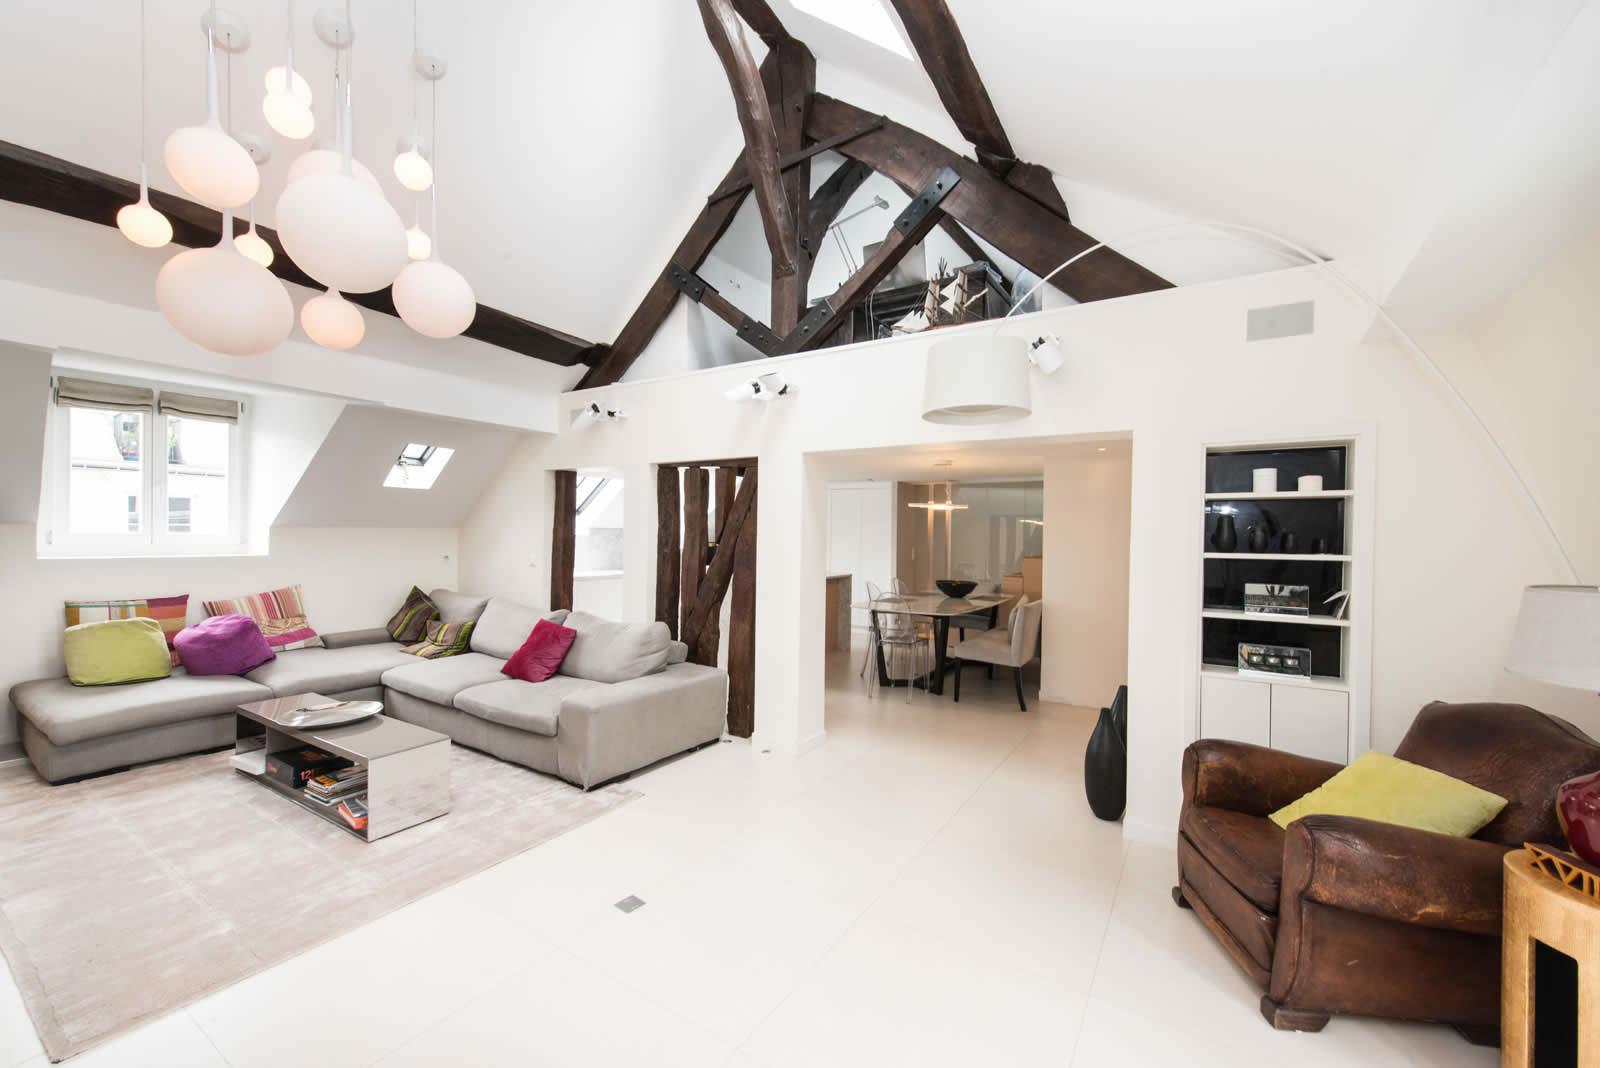 Appartement Entirement Renov Avec Belle Hauteur Sous